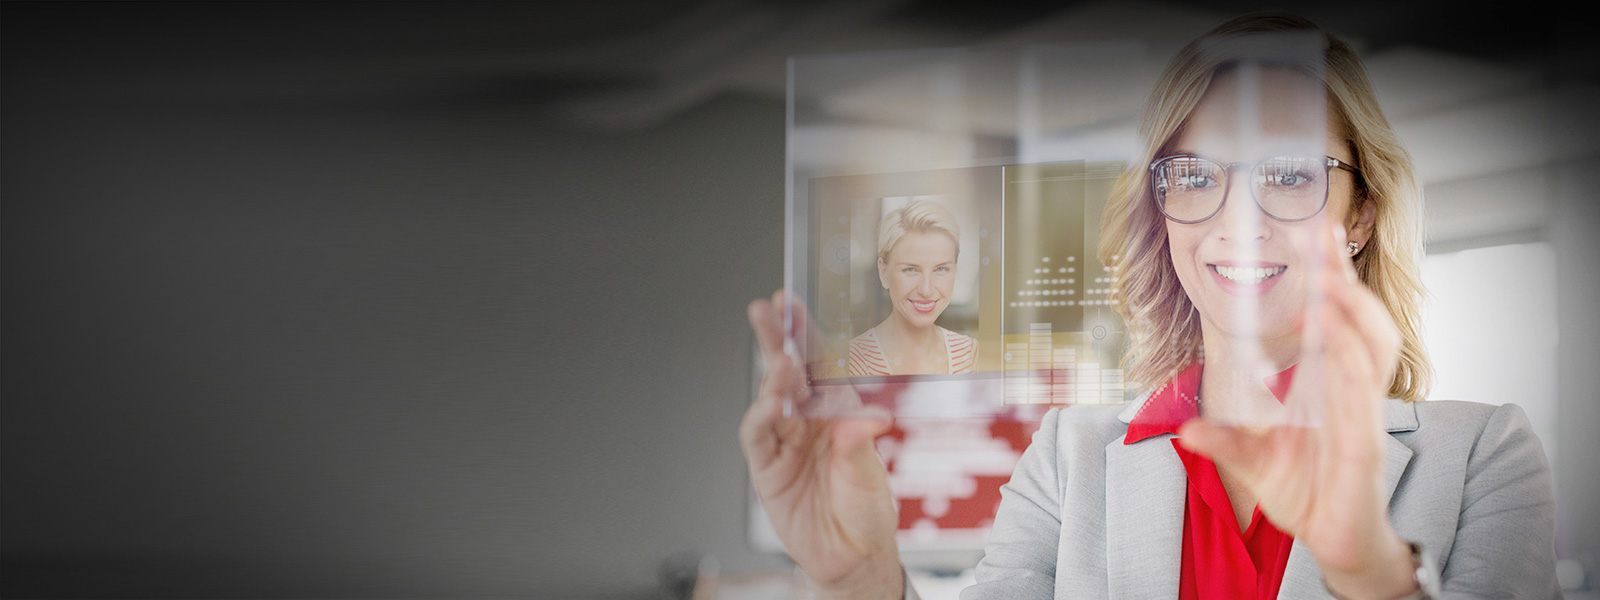 Деловая женщина работает с виртуальным экраном